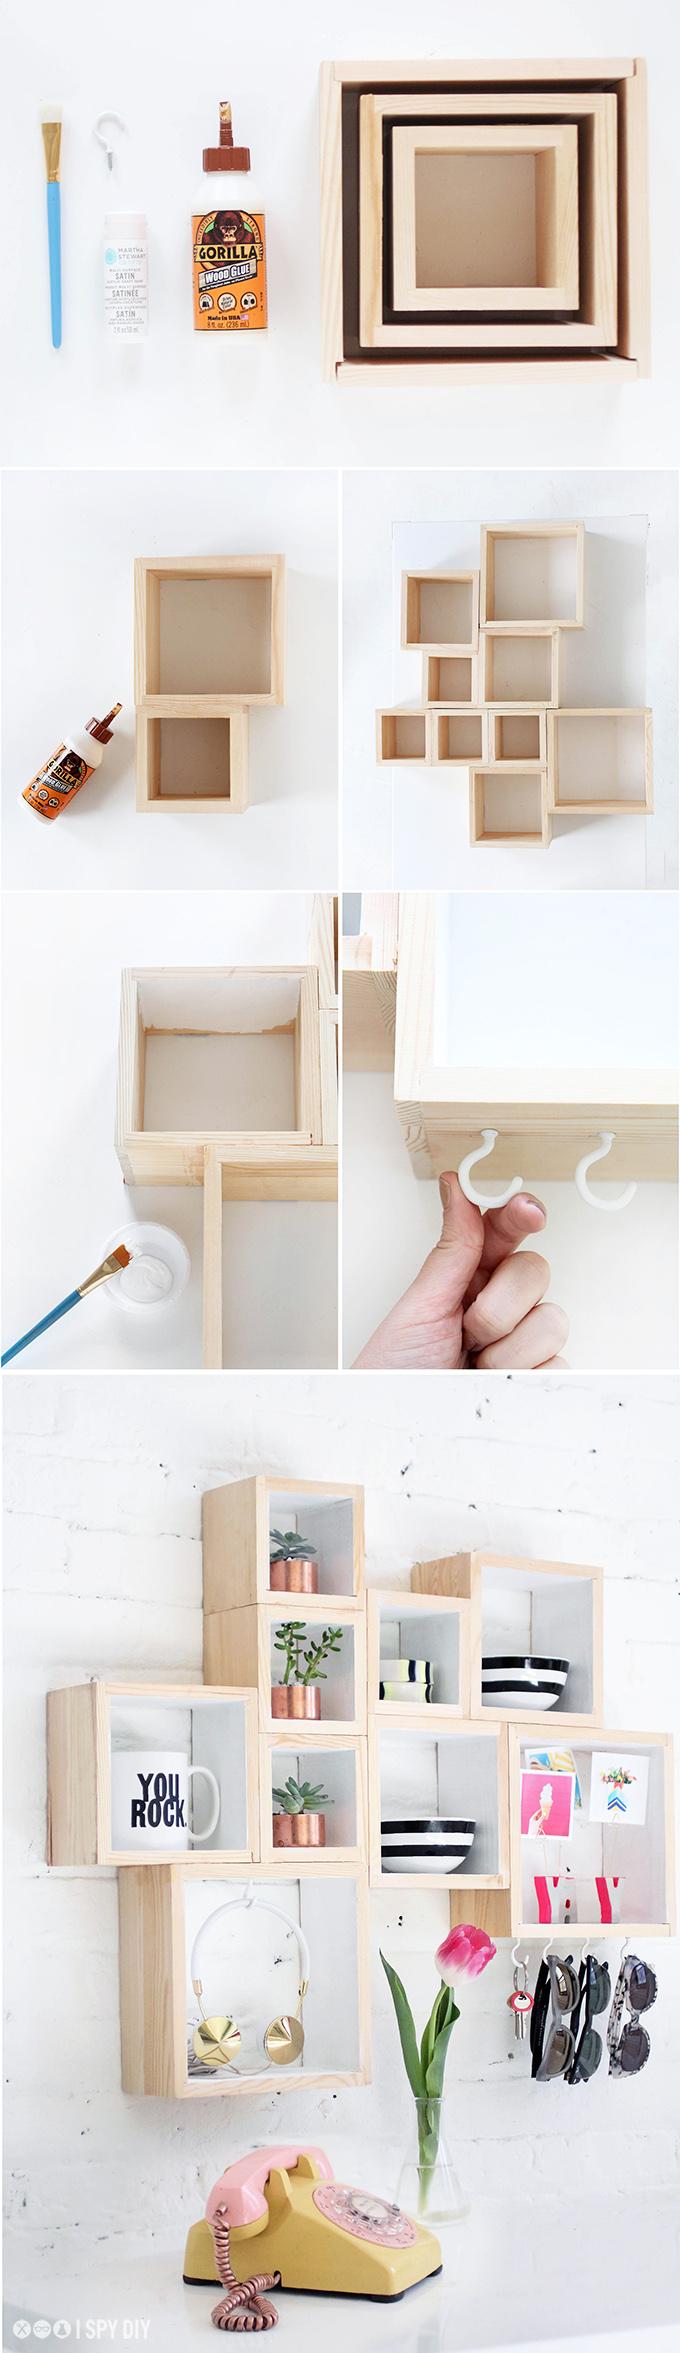 diy-completo-caixas-para-deixar-no-hall-e-porta-chaves